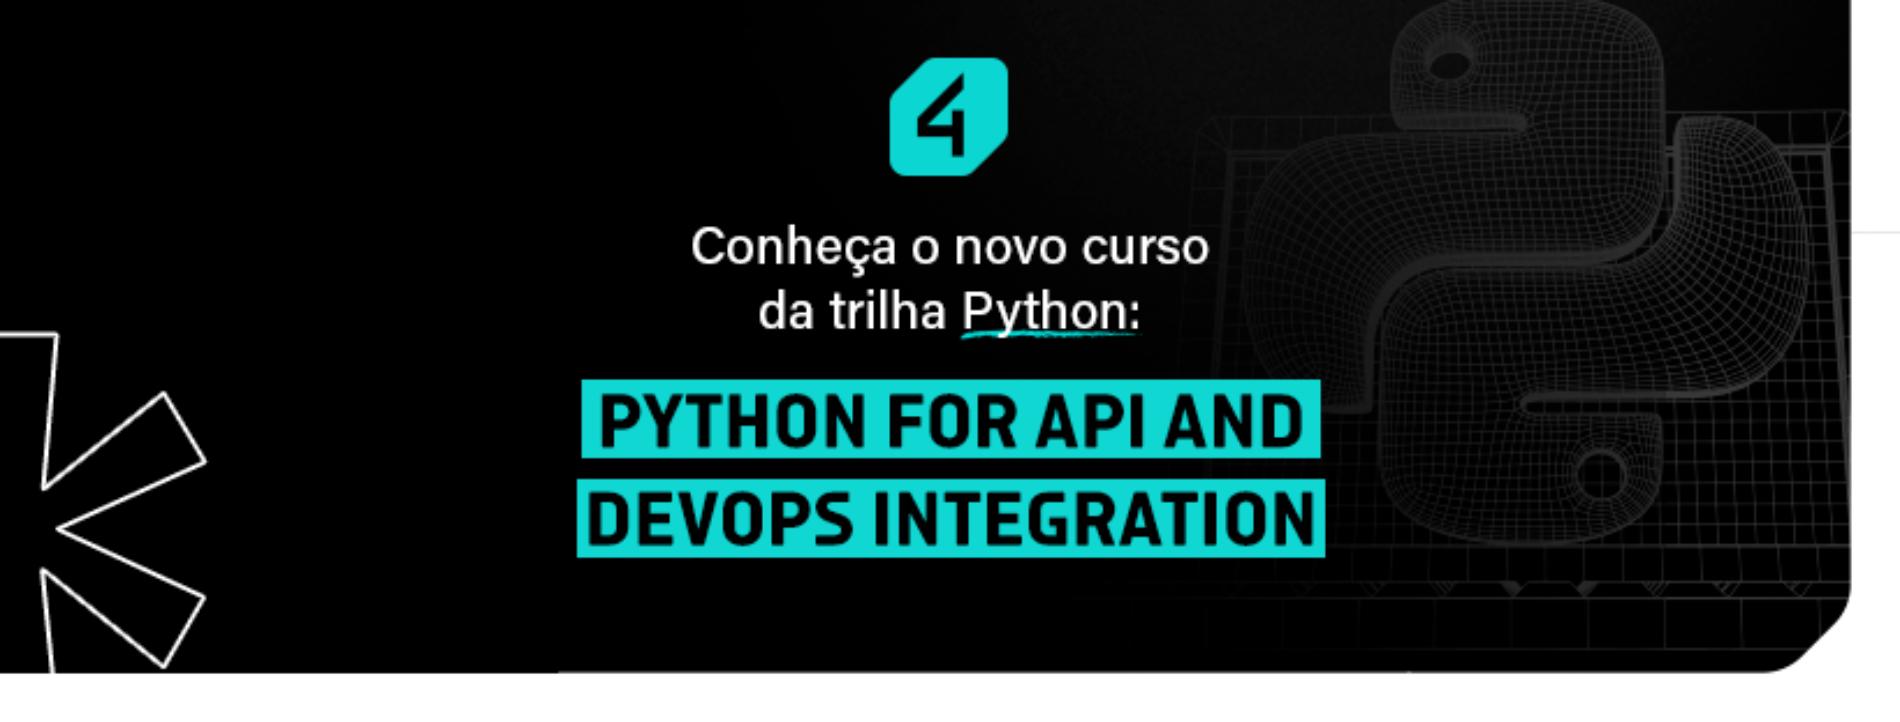 Novo curso na trilha de Python!